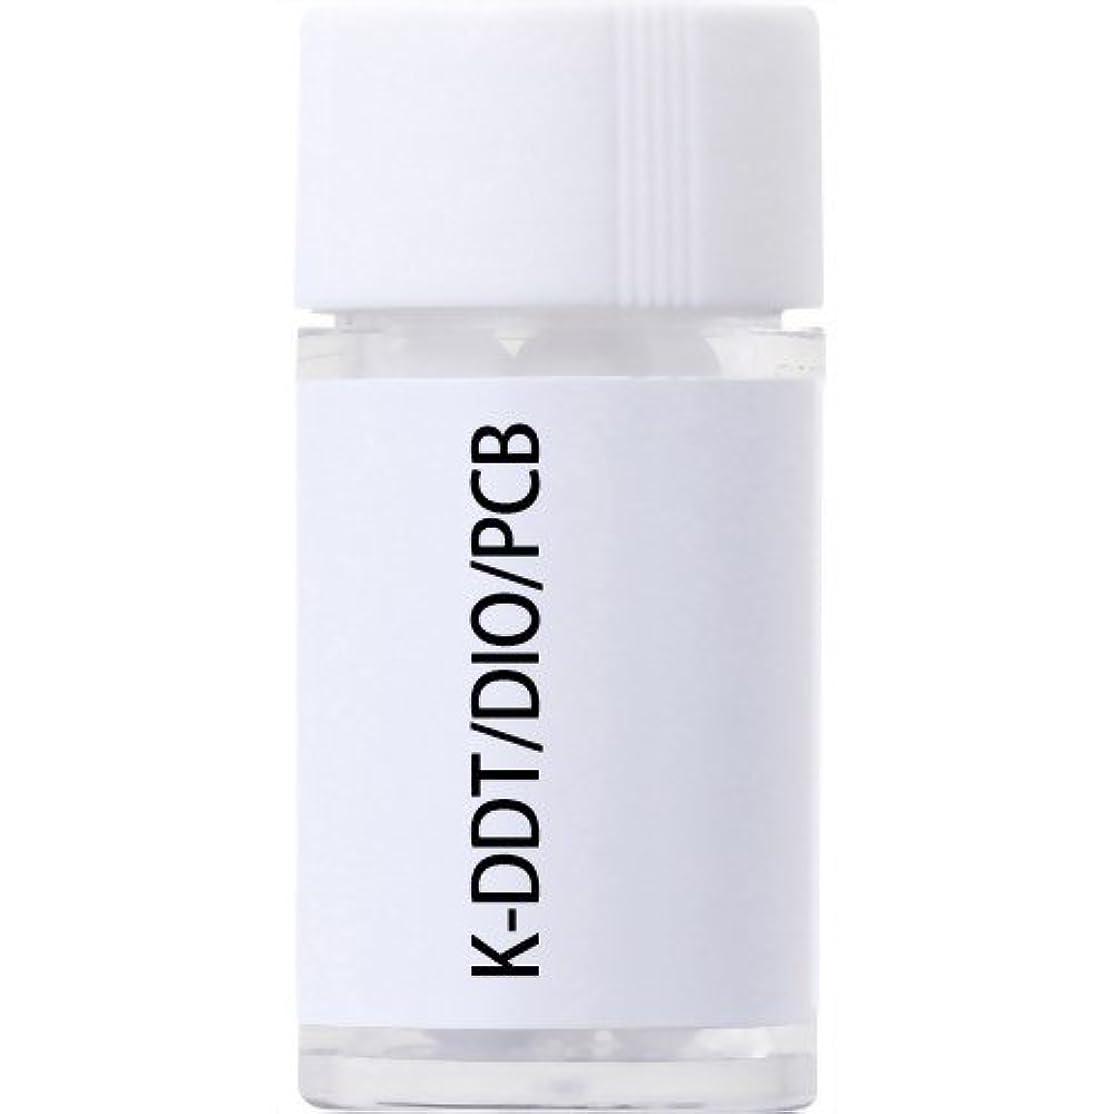 悲しい切手喉頭ホメオパシージャパンレメディー K-DDT/DIO/PCB(小ビン)